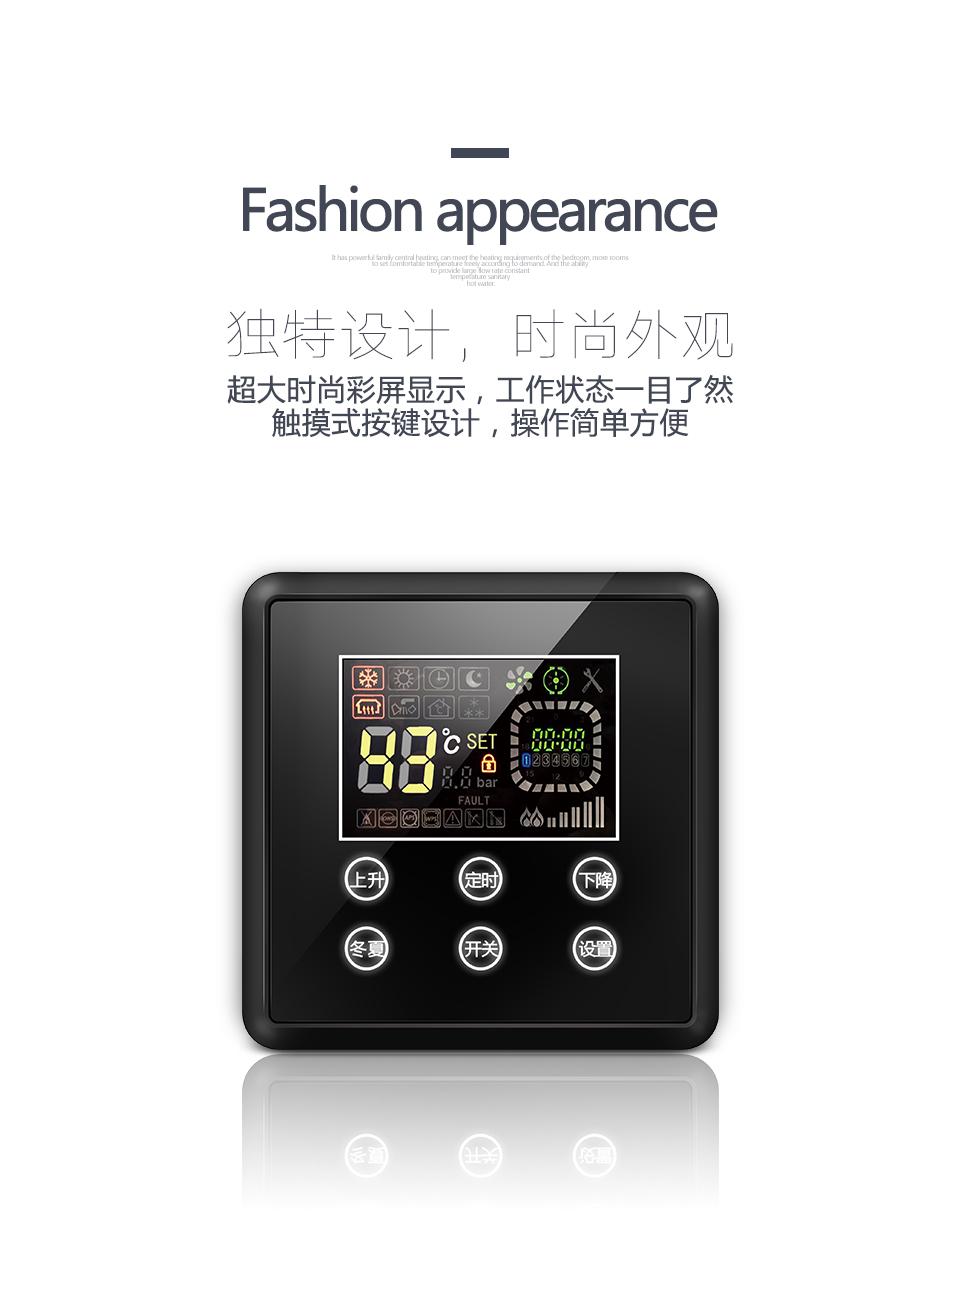 瑞马VM-A4系列葡京国际娱乐注册,独特设计,时尚外观